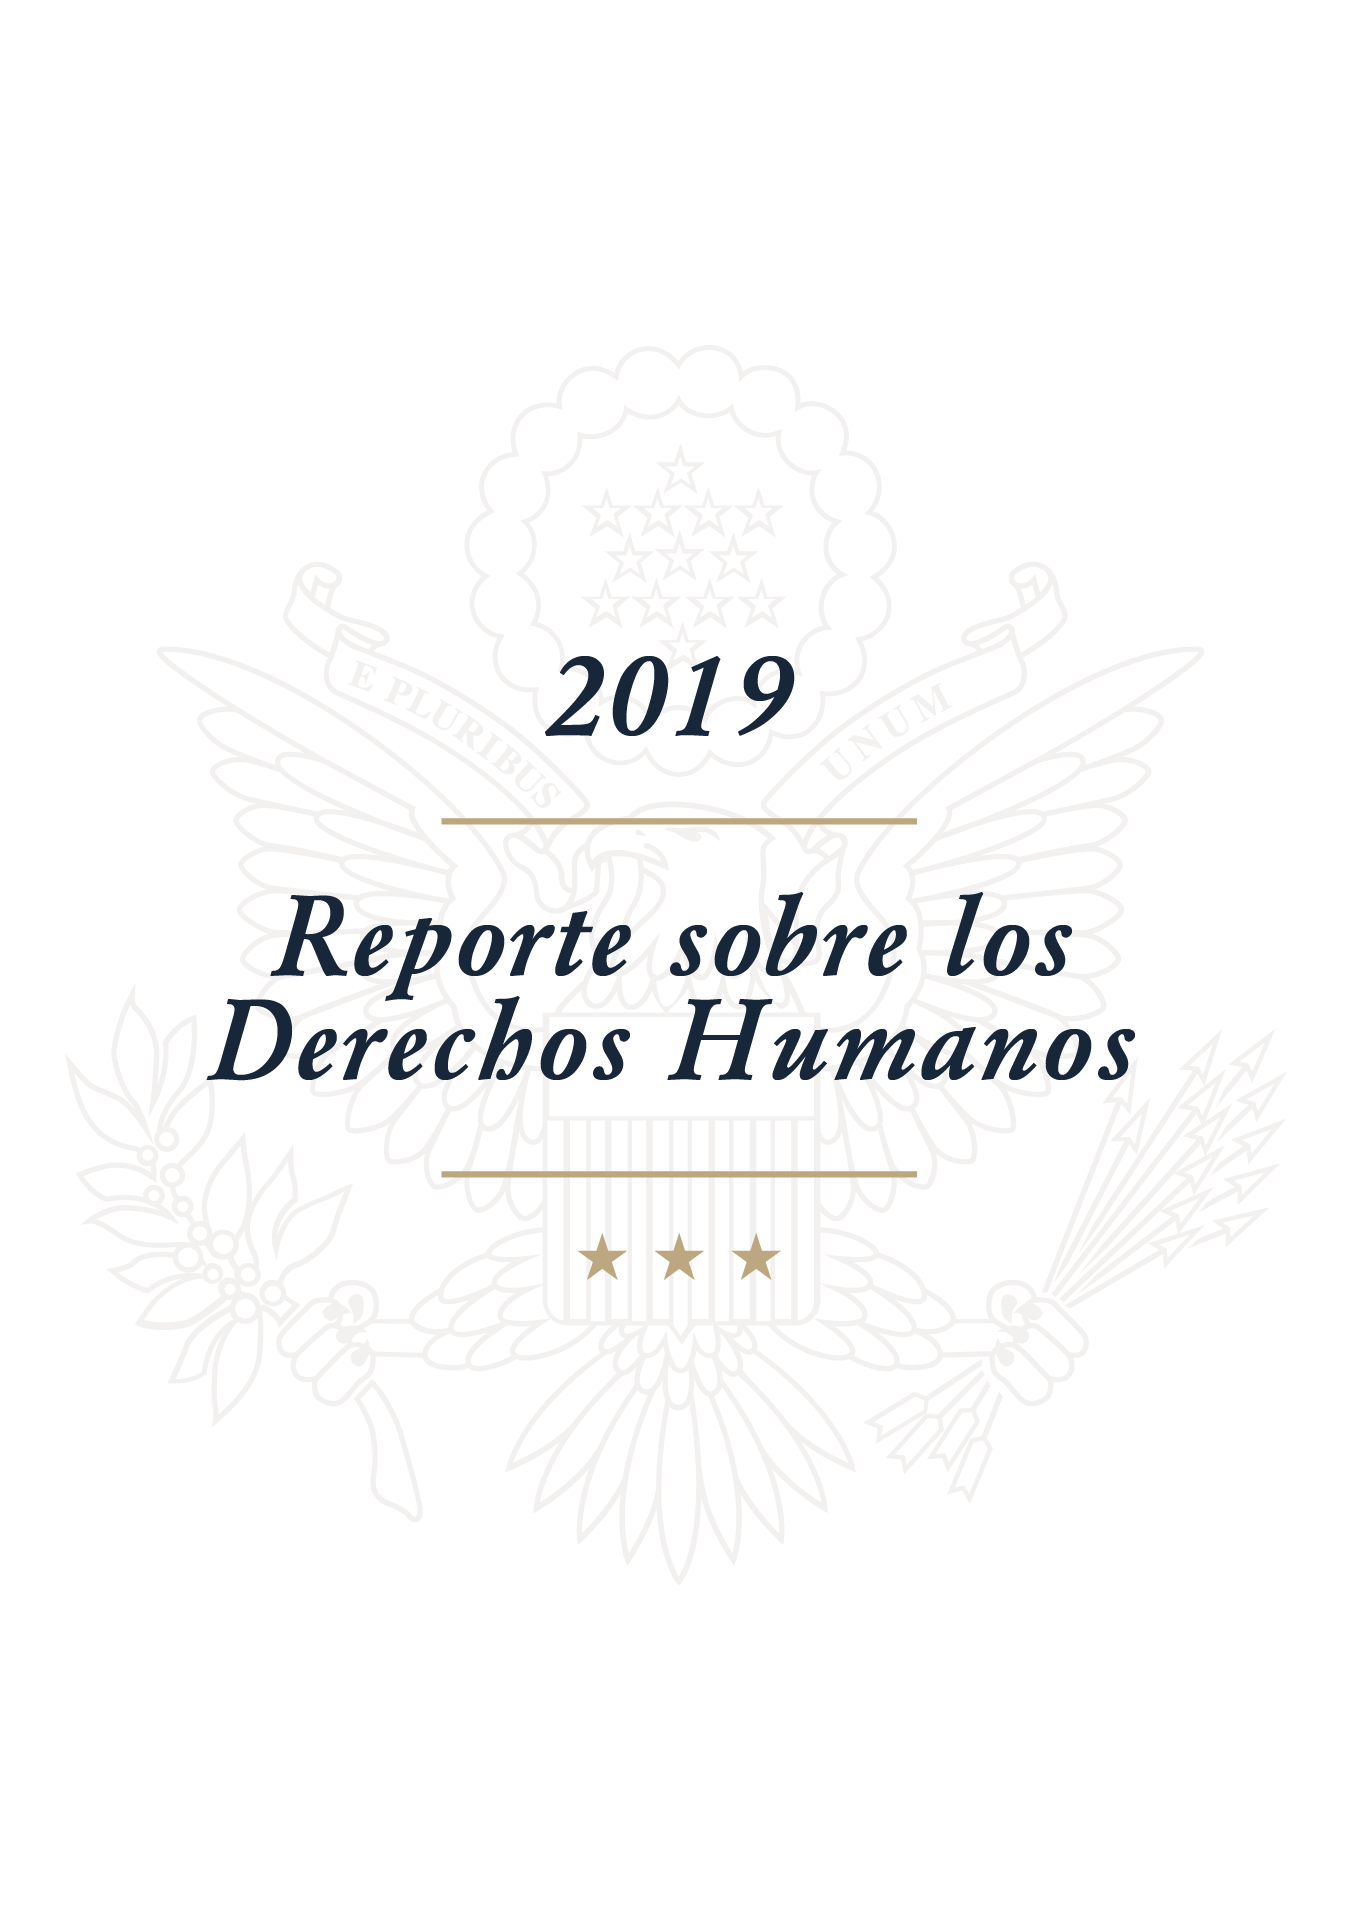 Reportes sobre los Derechos Humanos 2019